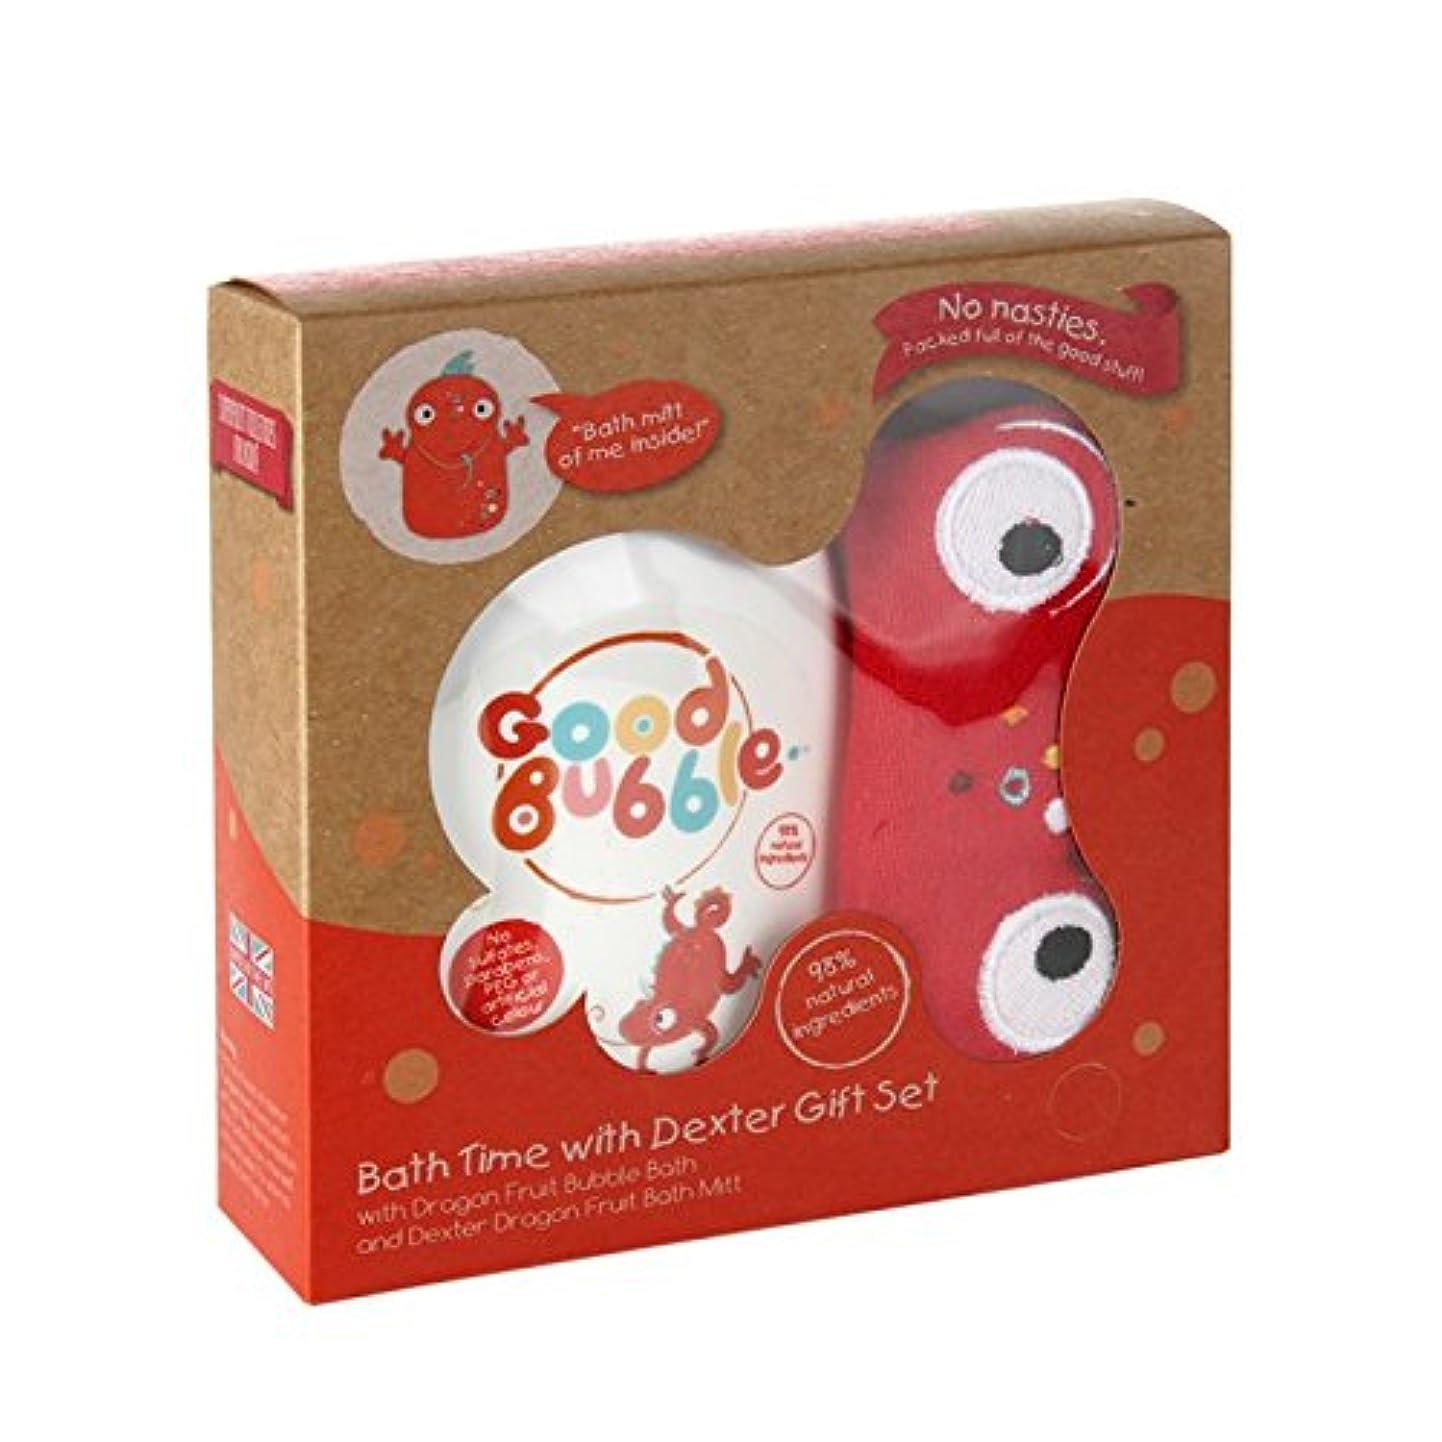 直面する速記カルシウムGood Bubble Dexter Dragonfruit Gift Set 550g (Pack of 2) - 良いバブルデクスターDragonfruitギフトセット550グラム (x2) [並行輸入品]